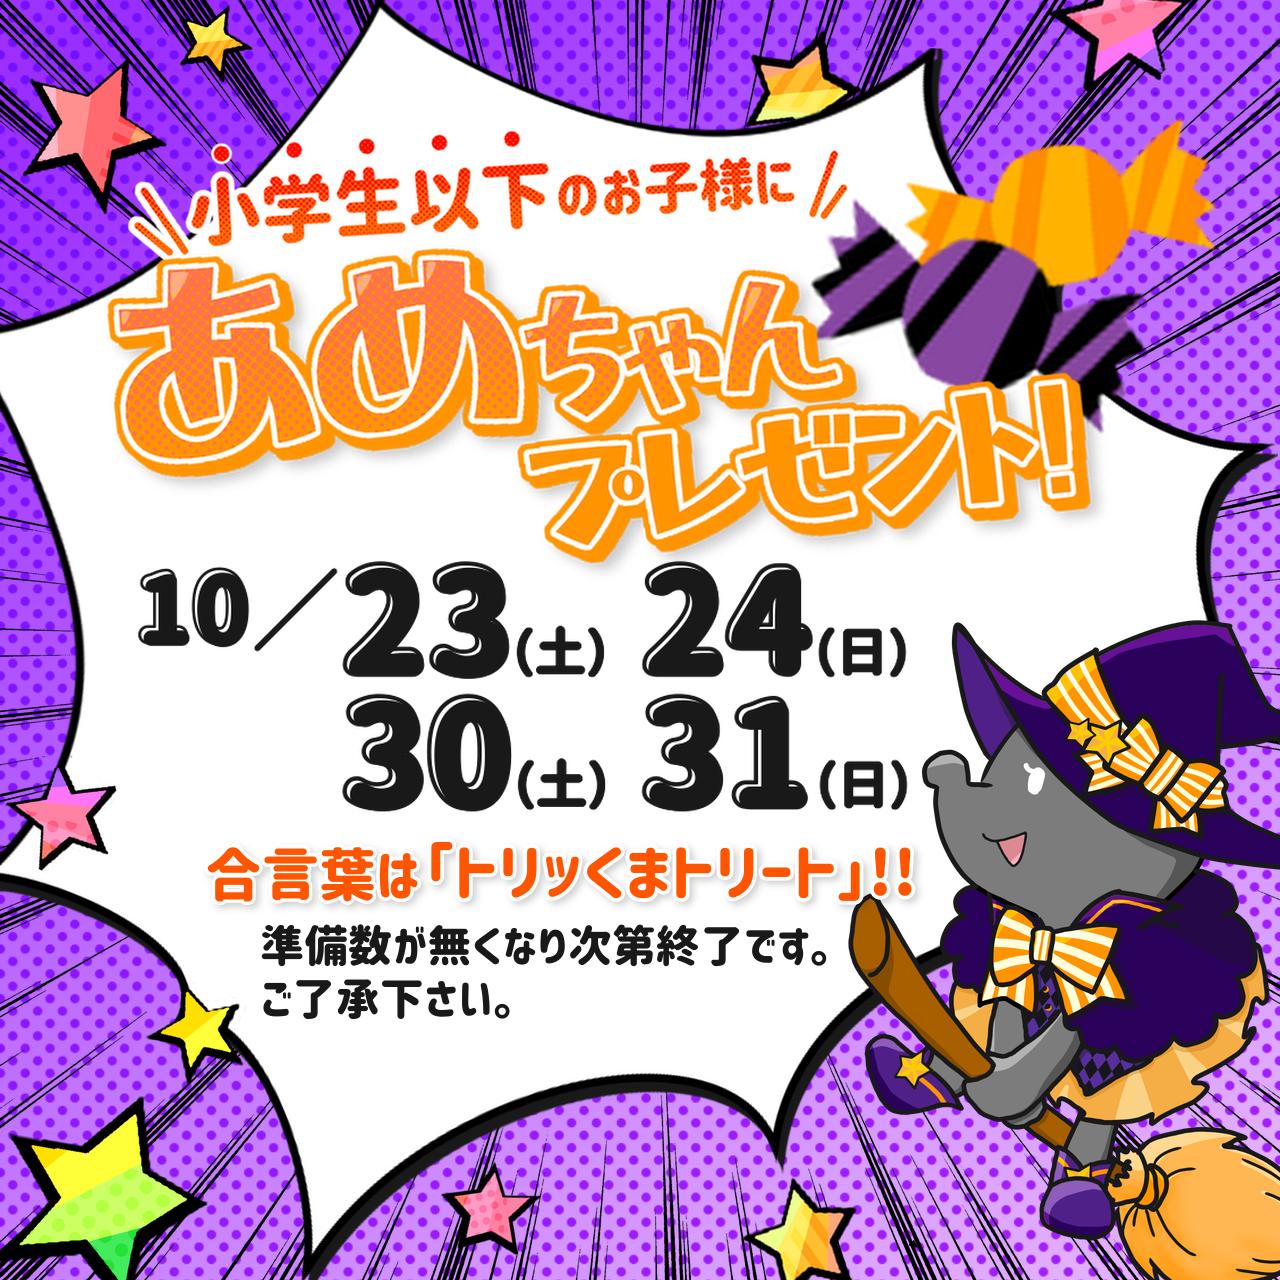 10月23・24・30・31日【3店舗合同】ハロウィンイベント開催☆☆